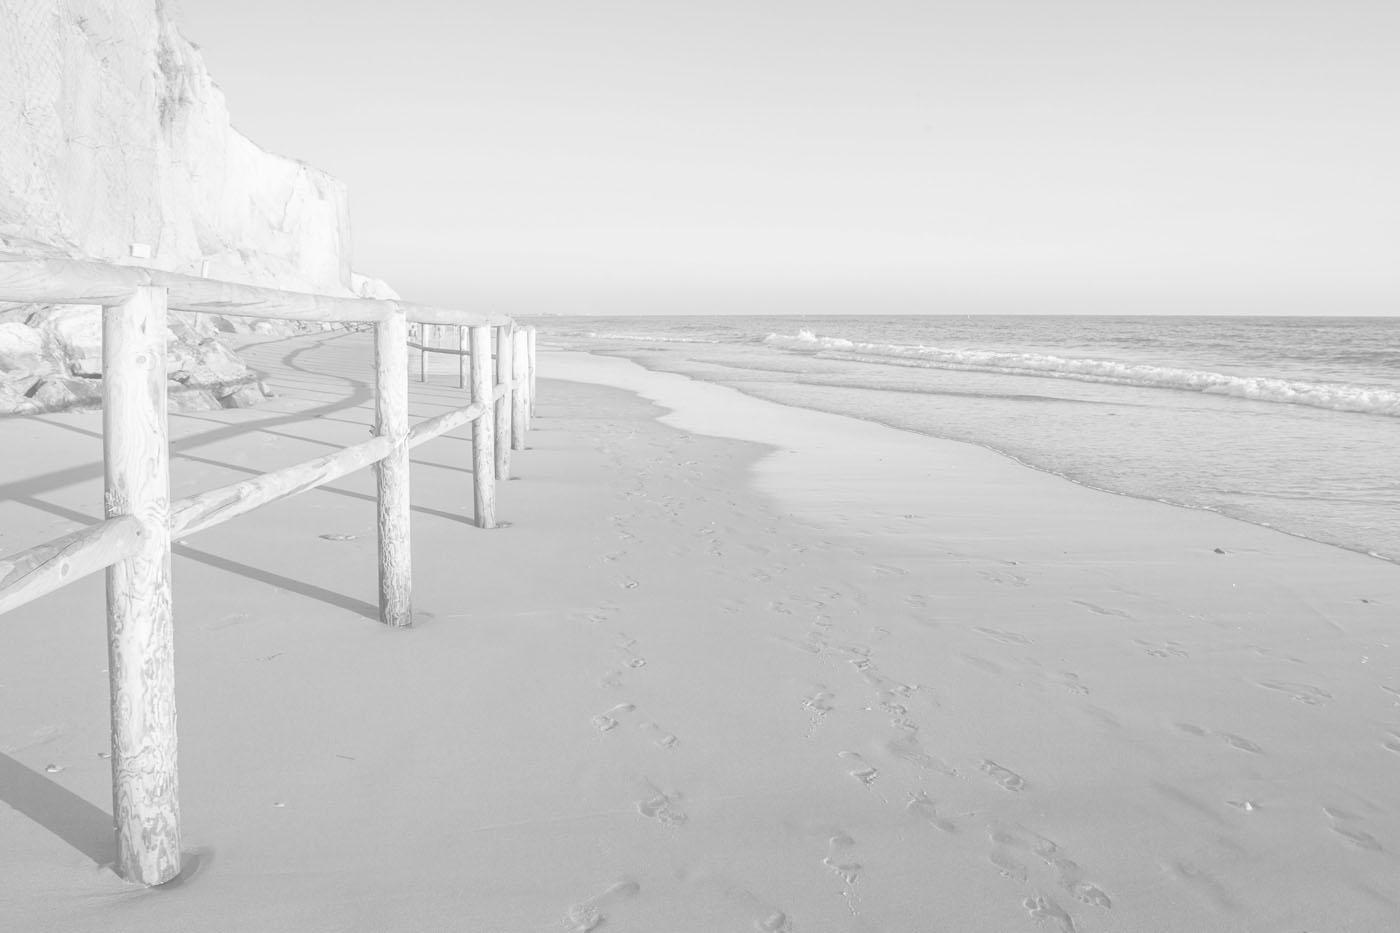 Playa de la Fontanilla, Conil. Vista de una playa infinita con una barrera de madera protegiendo la zona del acantilado.